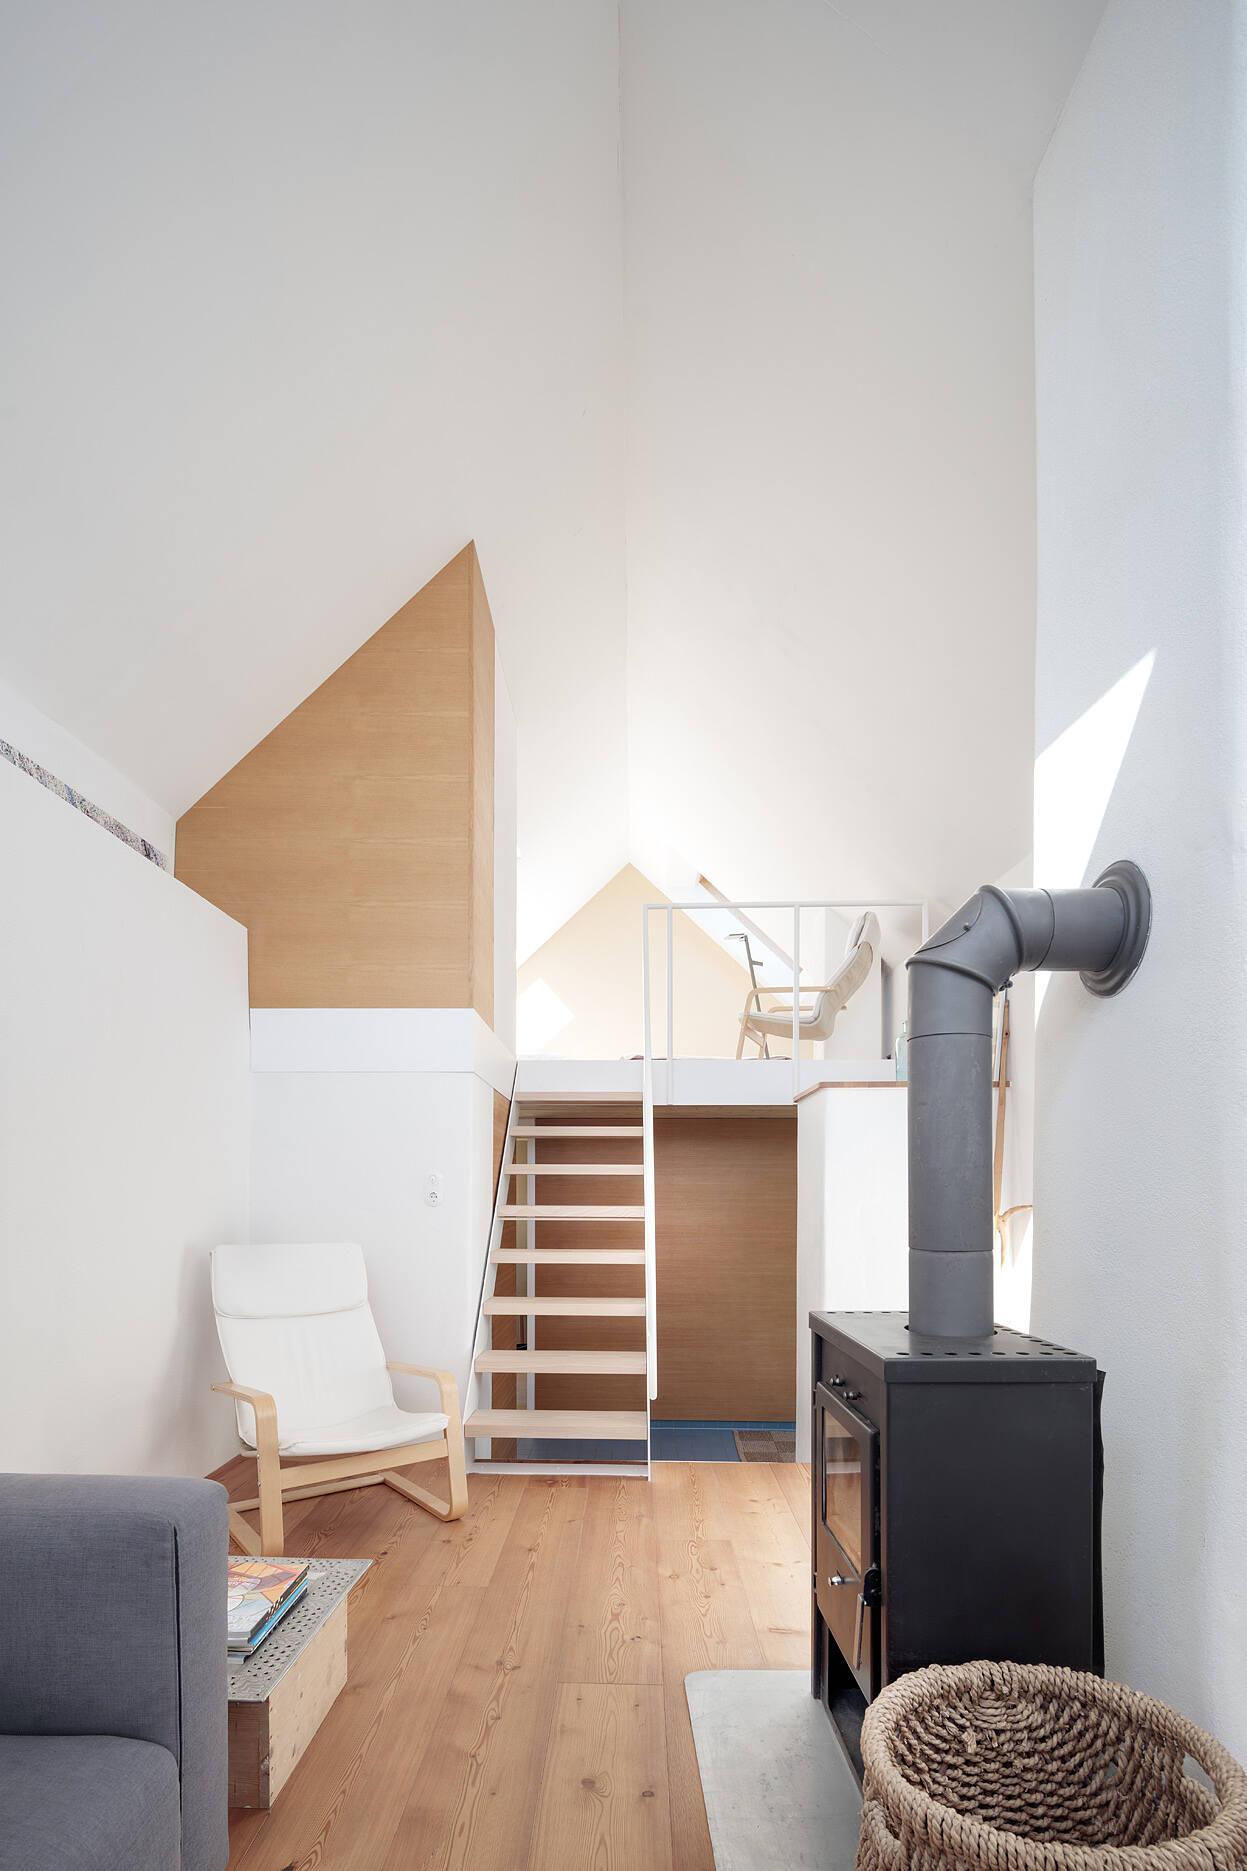 Bergtischler by Illichmann Architecture